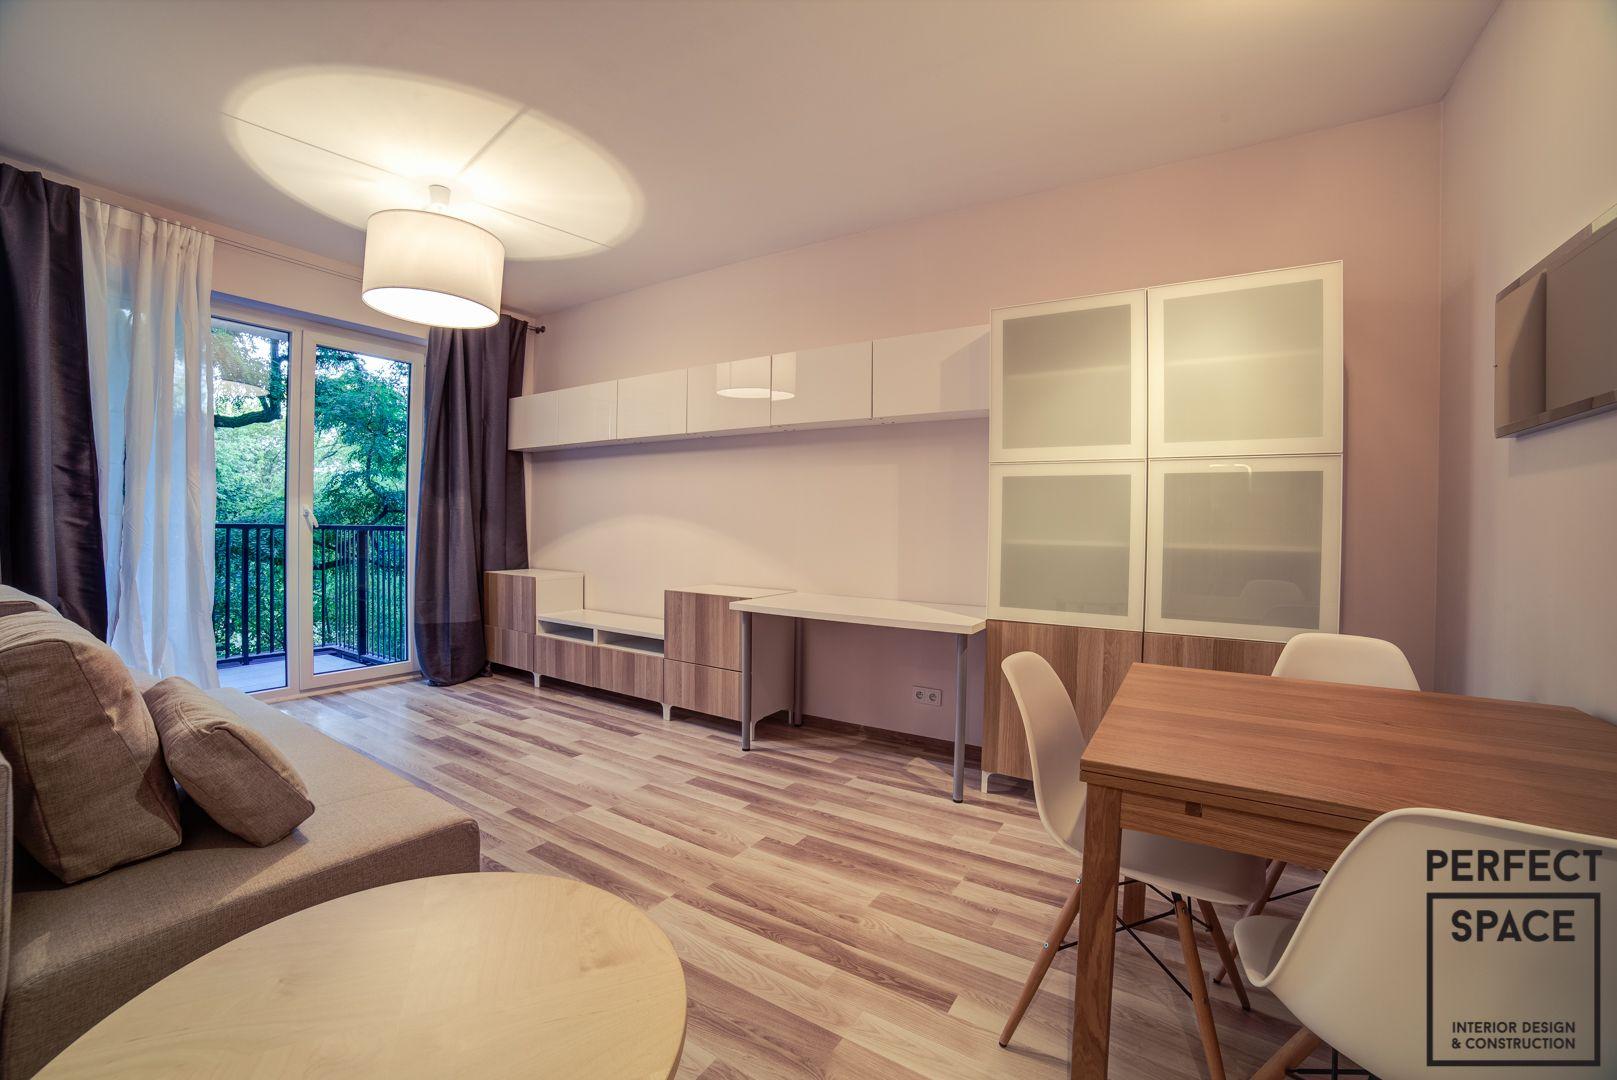 Śliczne, niewielkie mieszkanie na warszawskim Żoliborzu, wykończone (wraz z projektem) w ciągu 6.5 tygodnia, co stanowi kolejny rekord rekord teamu Perfect Space. Przytulny klimat stworzony sprawdzonymi rozwiązaniami – ciepłym oświetleniem, znanymi i sprawdzonymi barwami oraz propozycjami meblowymi od wiodących producentów.